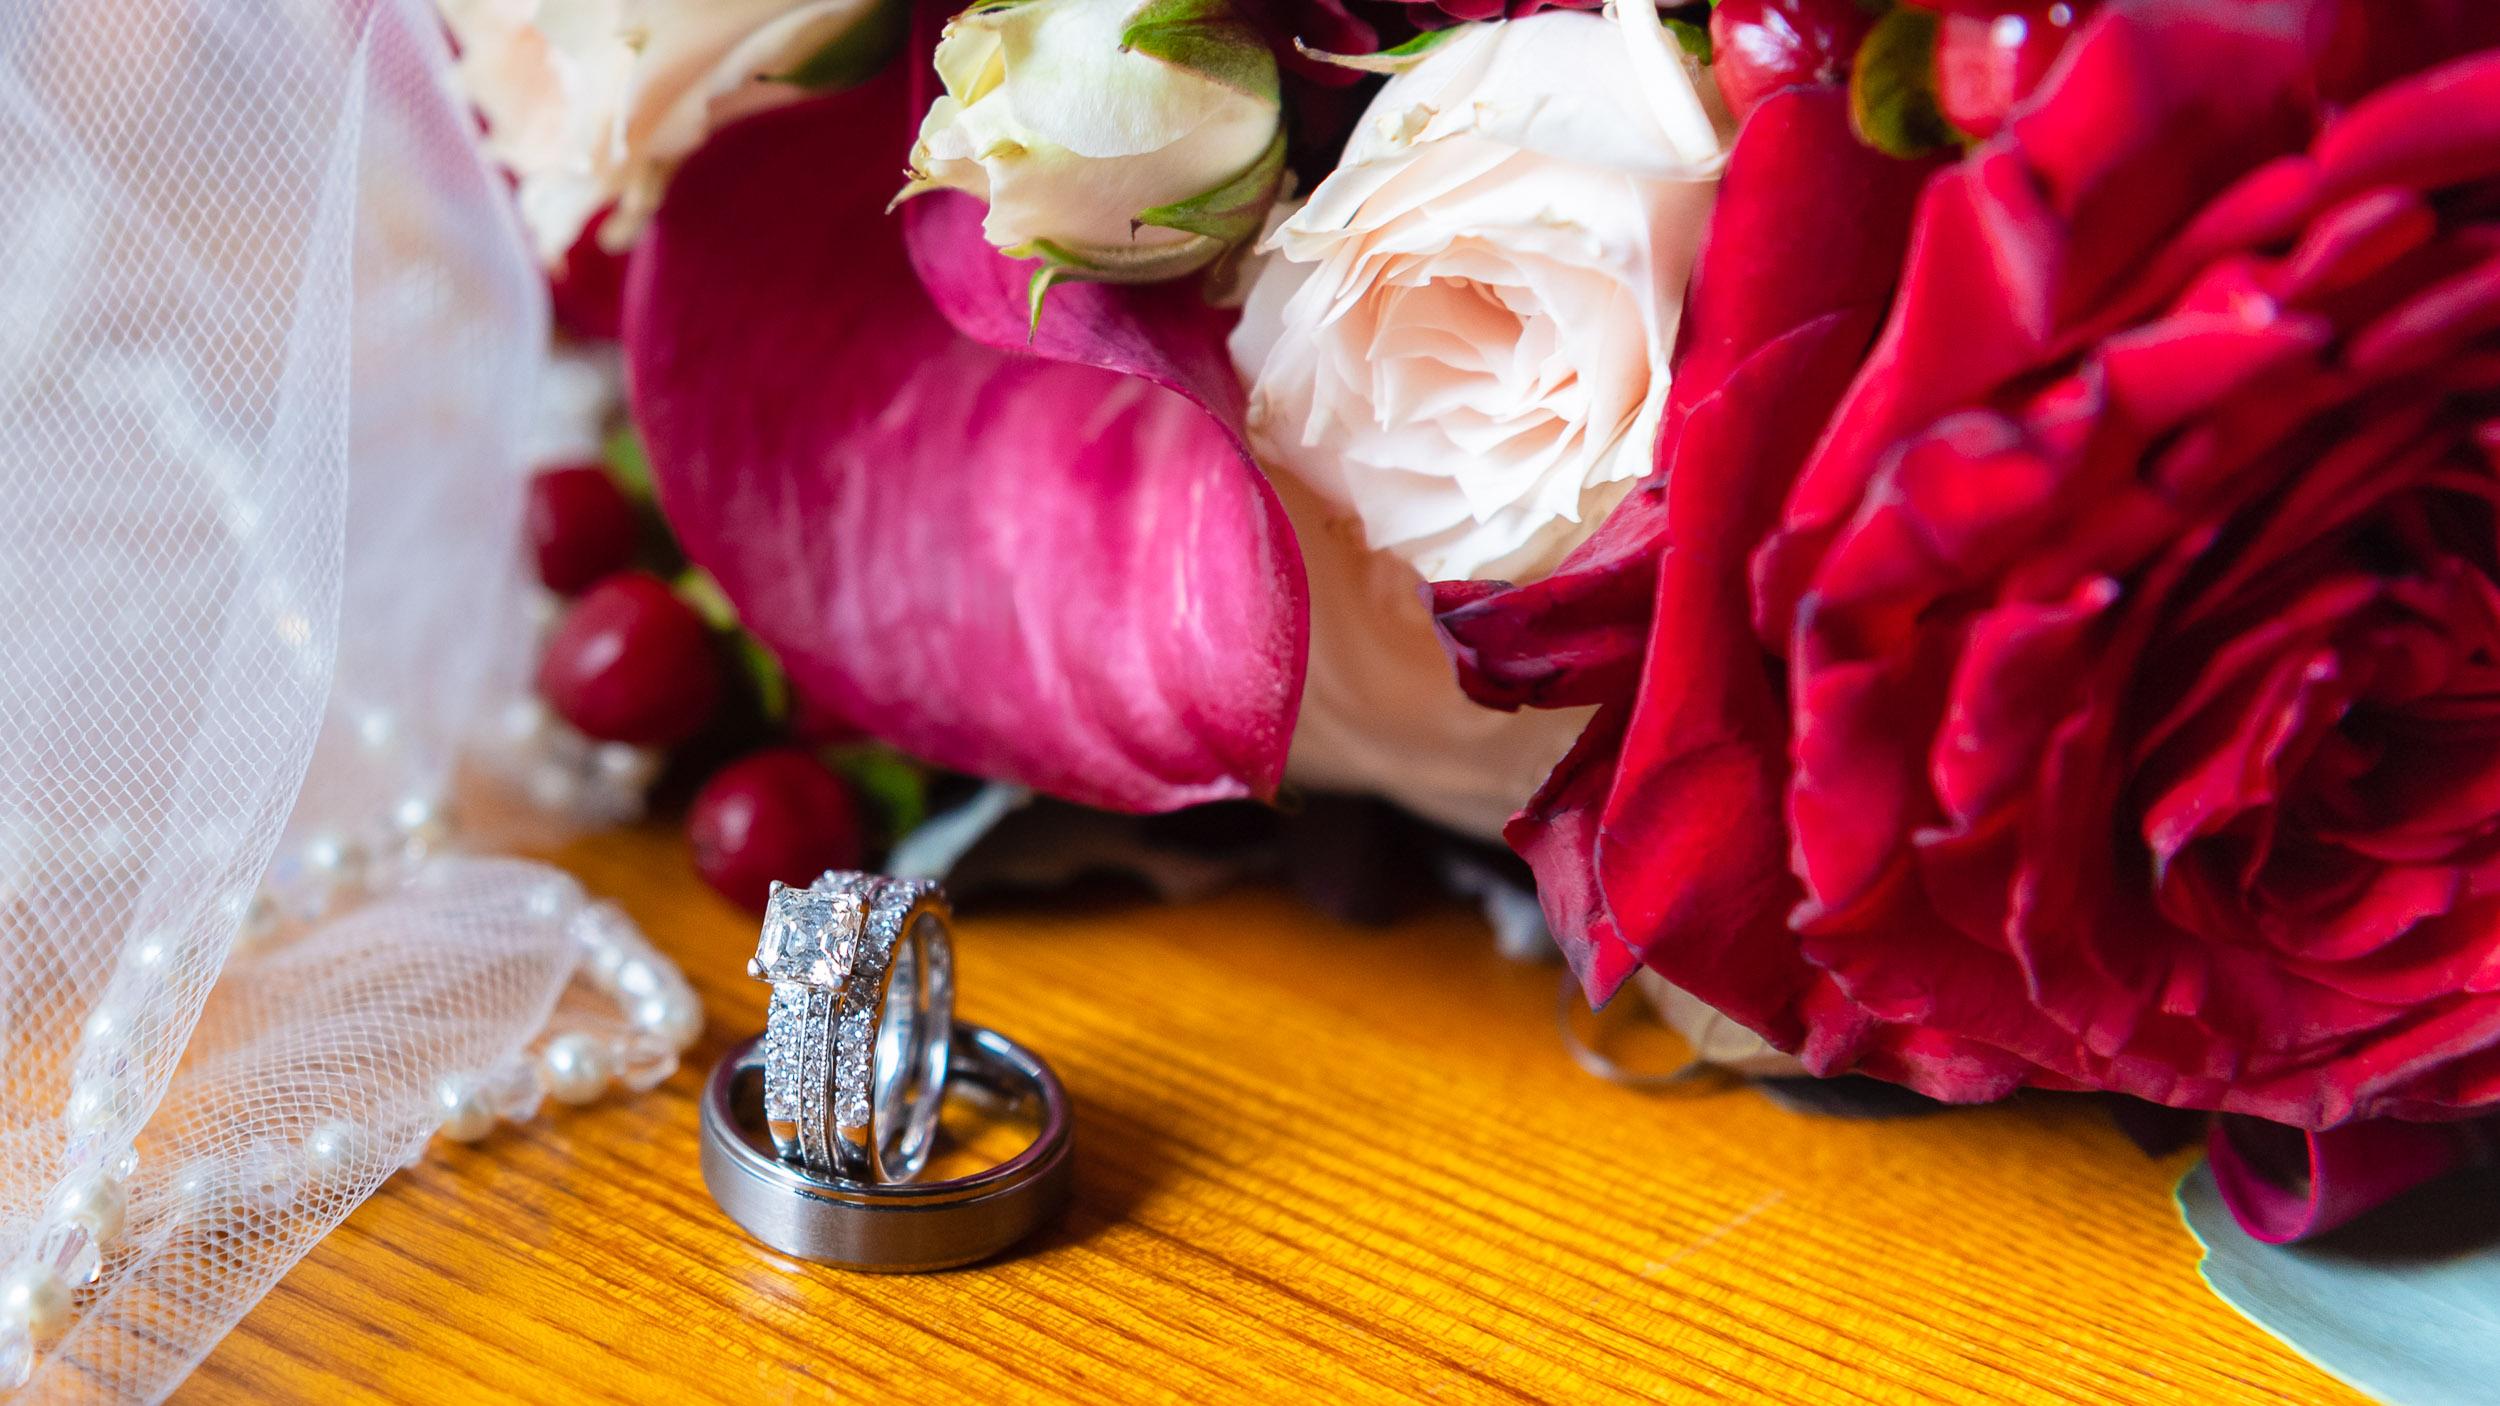 Wedding-rings-with-flowers-1.jpg